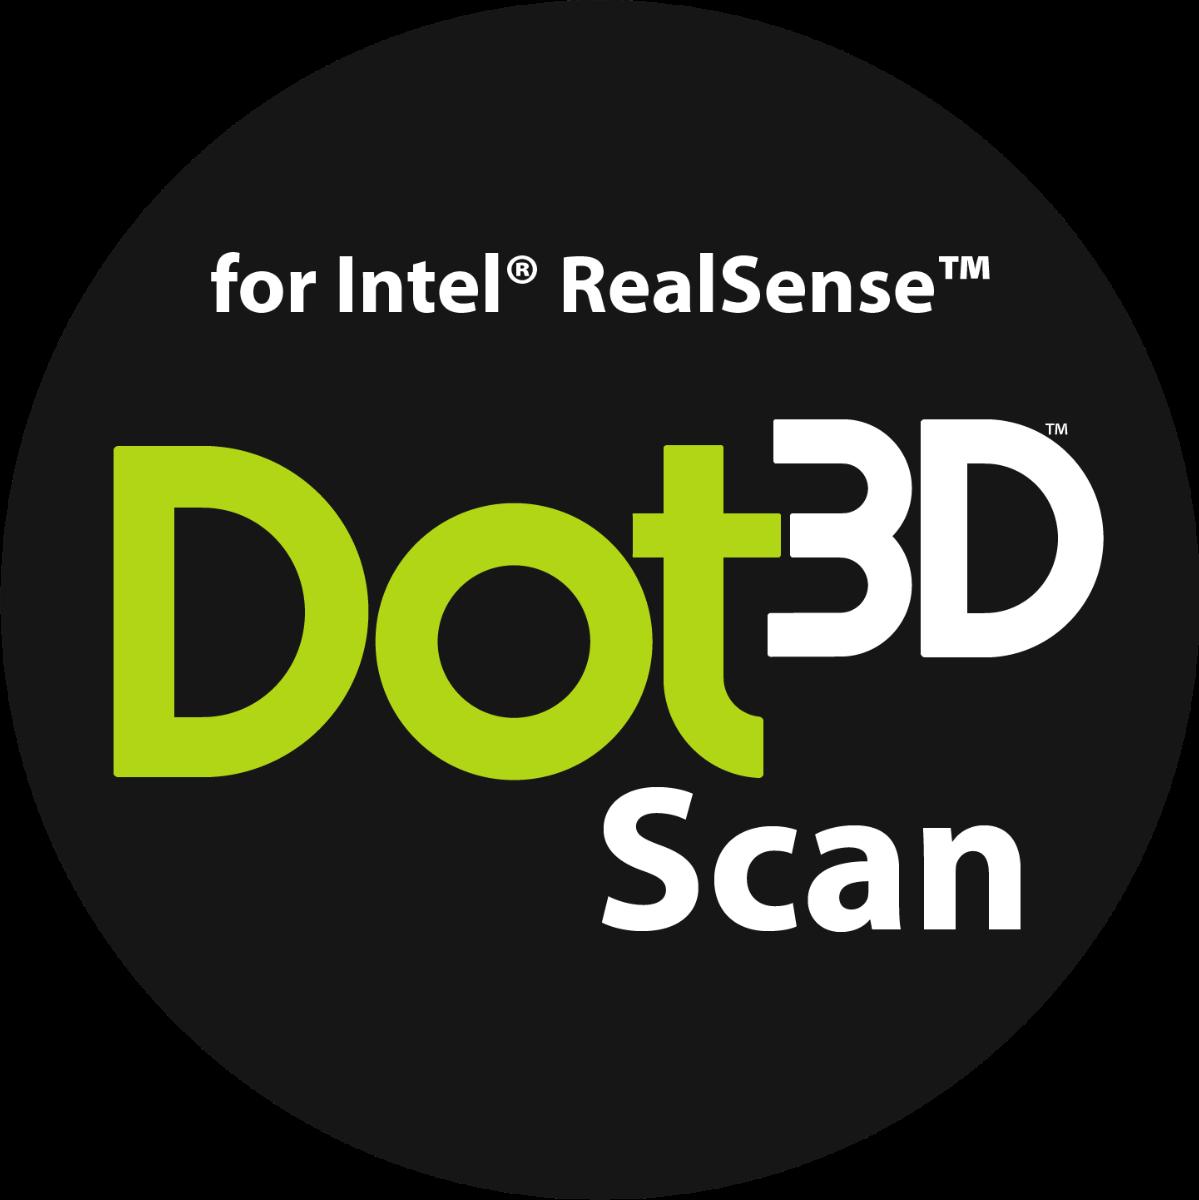 Dot3D Scan for RealSense